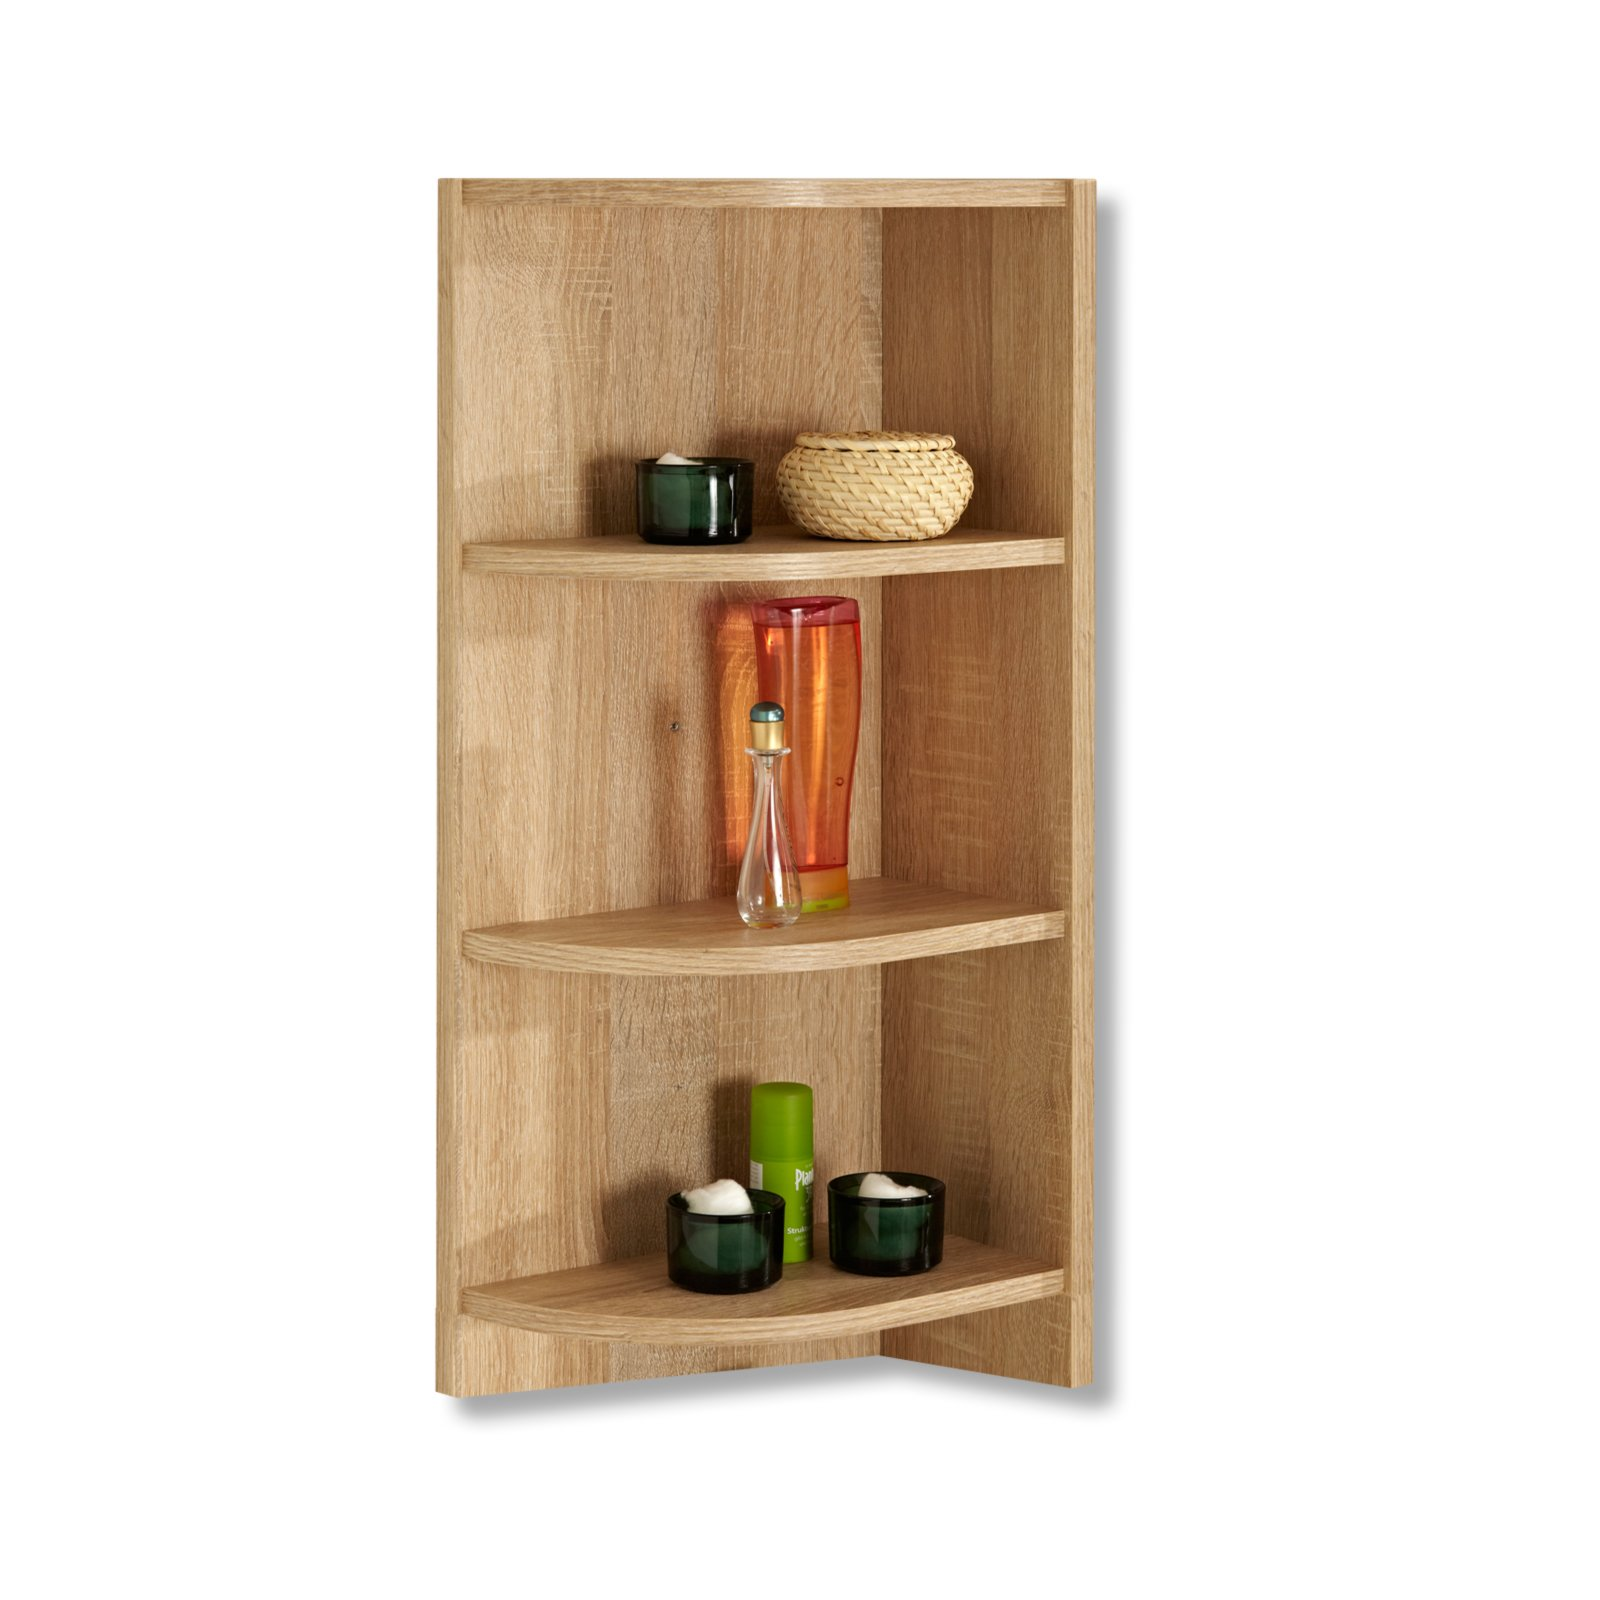 abschlussecke luanda eiche natur mit absatz badregale badm bel badezimmer. Black Bedroom Furniture Sets. Home Design Ideas